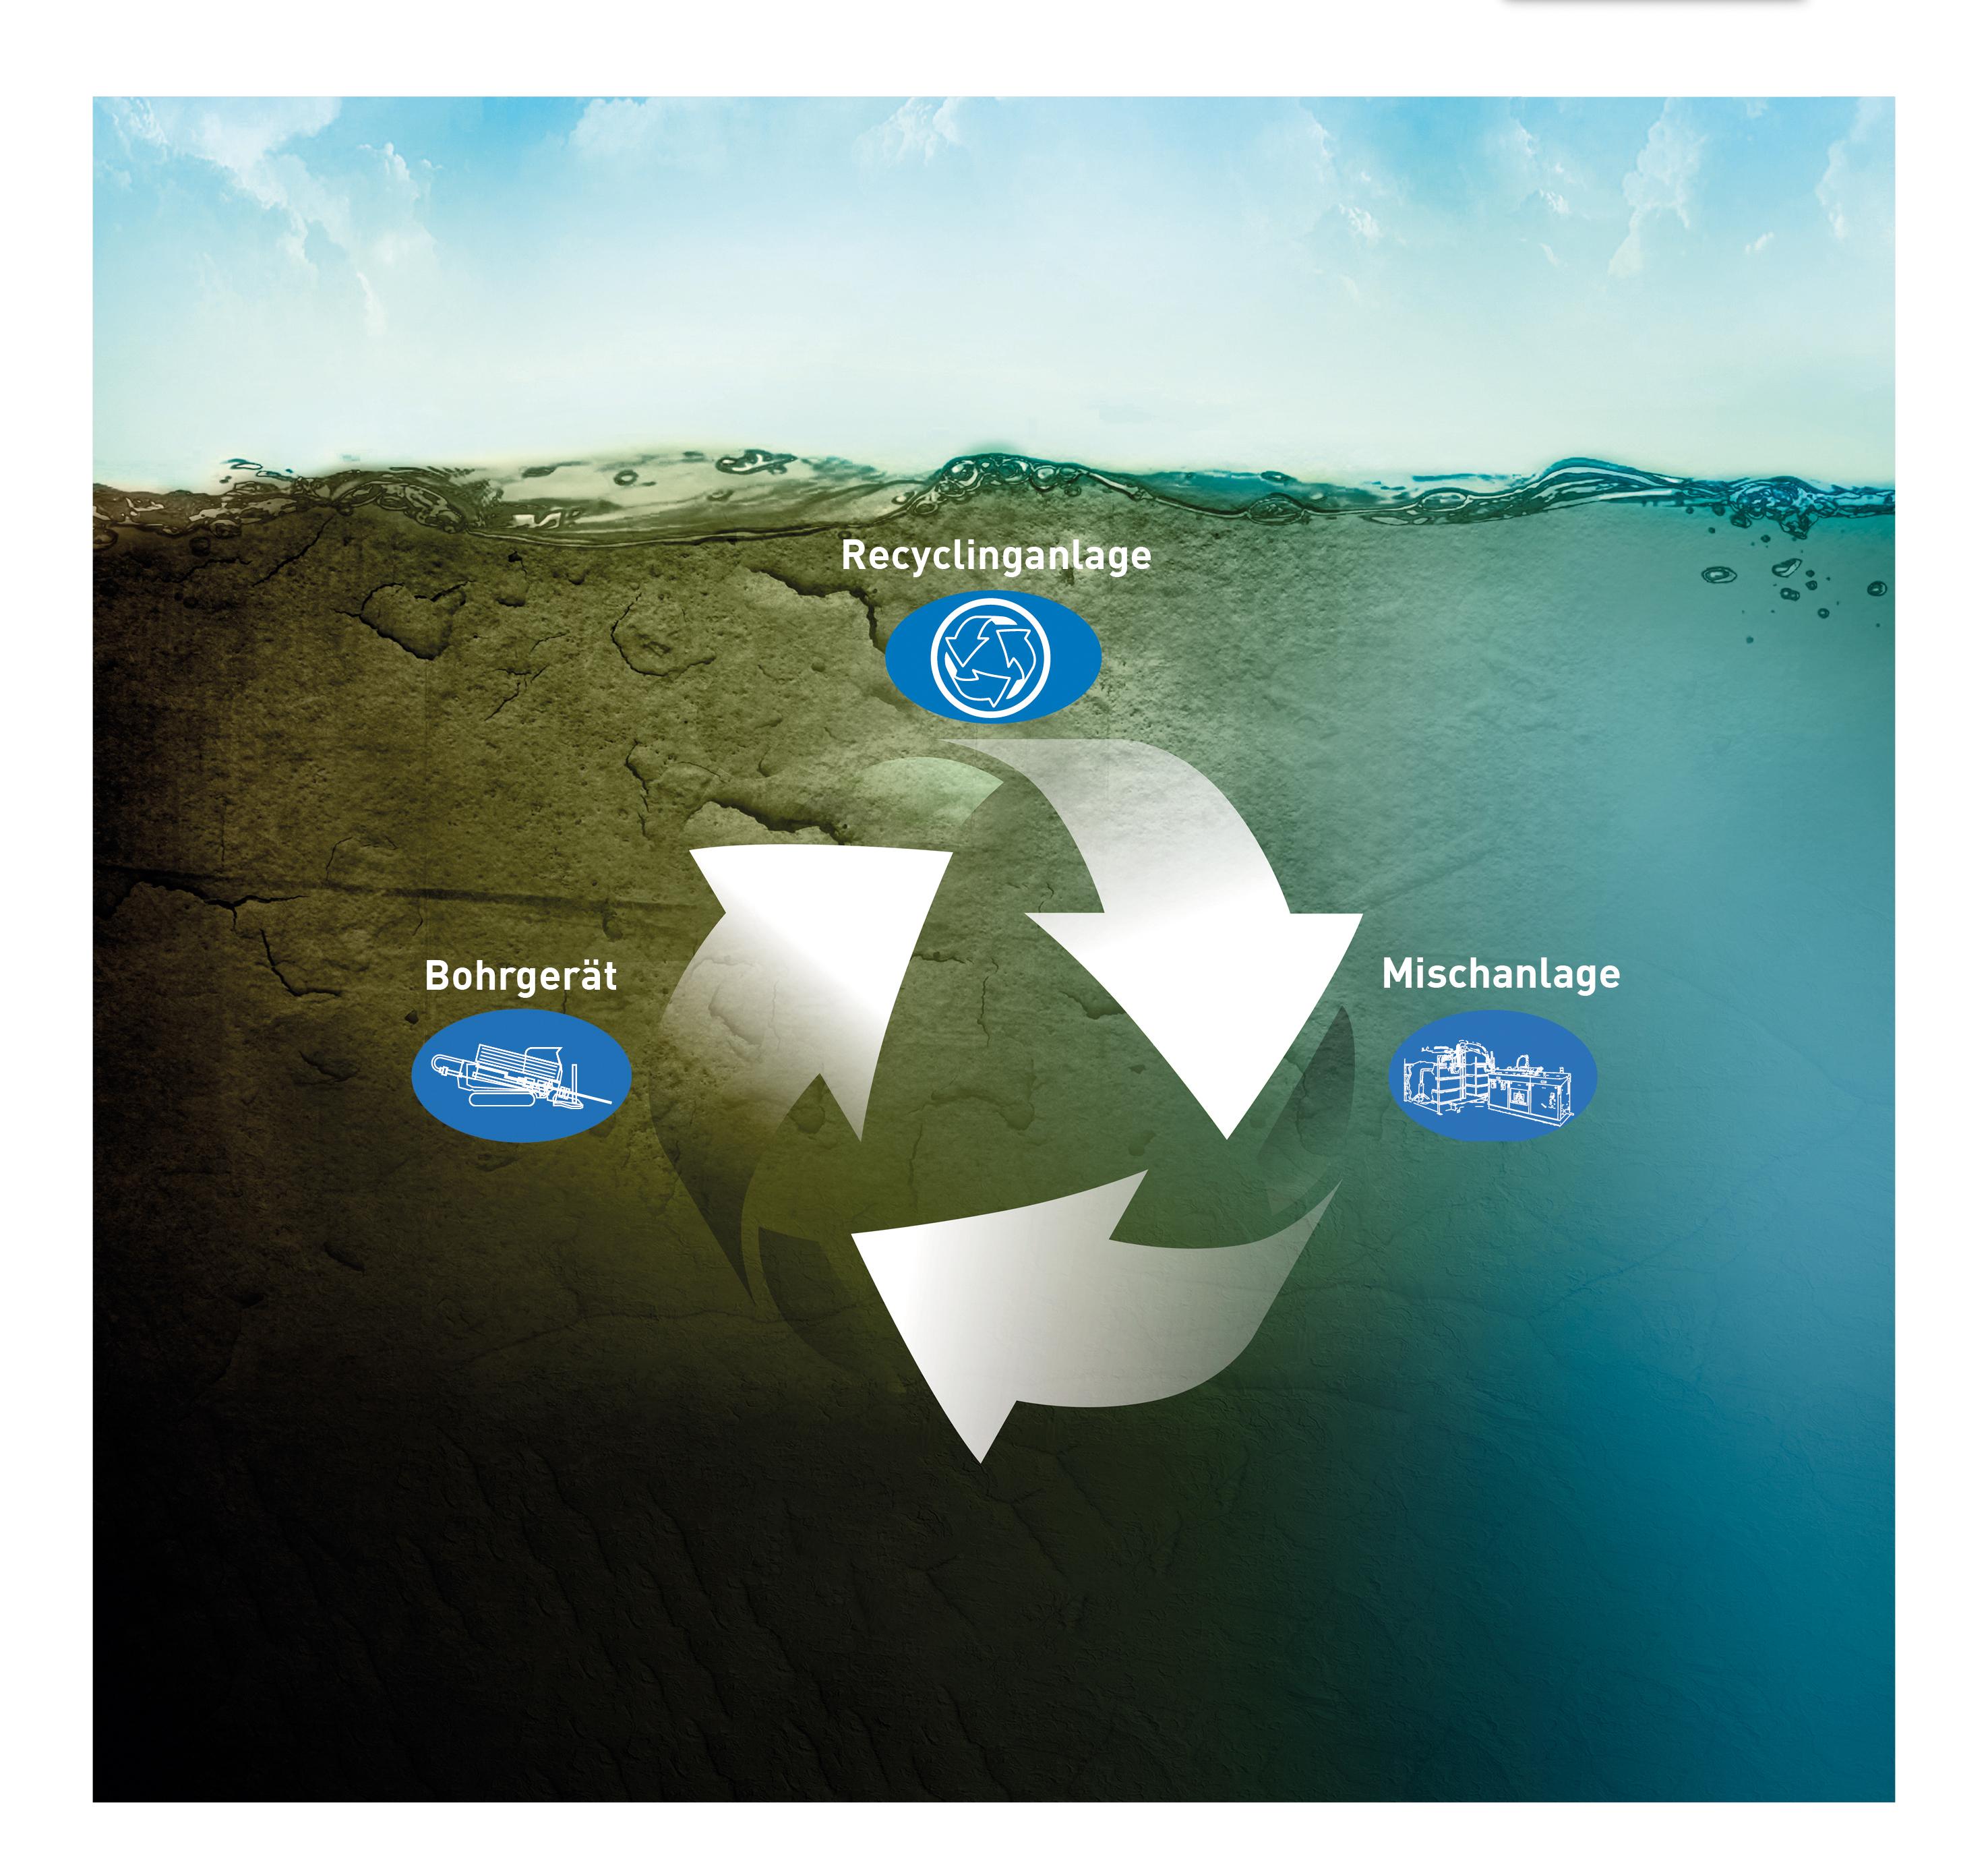 Das Recycling mit System der HDD-Bohrspülung ist wirtschaftlich, nachhaltig und umweltbewusst.